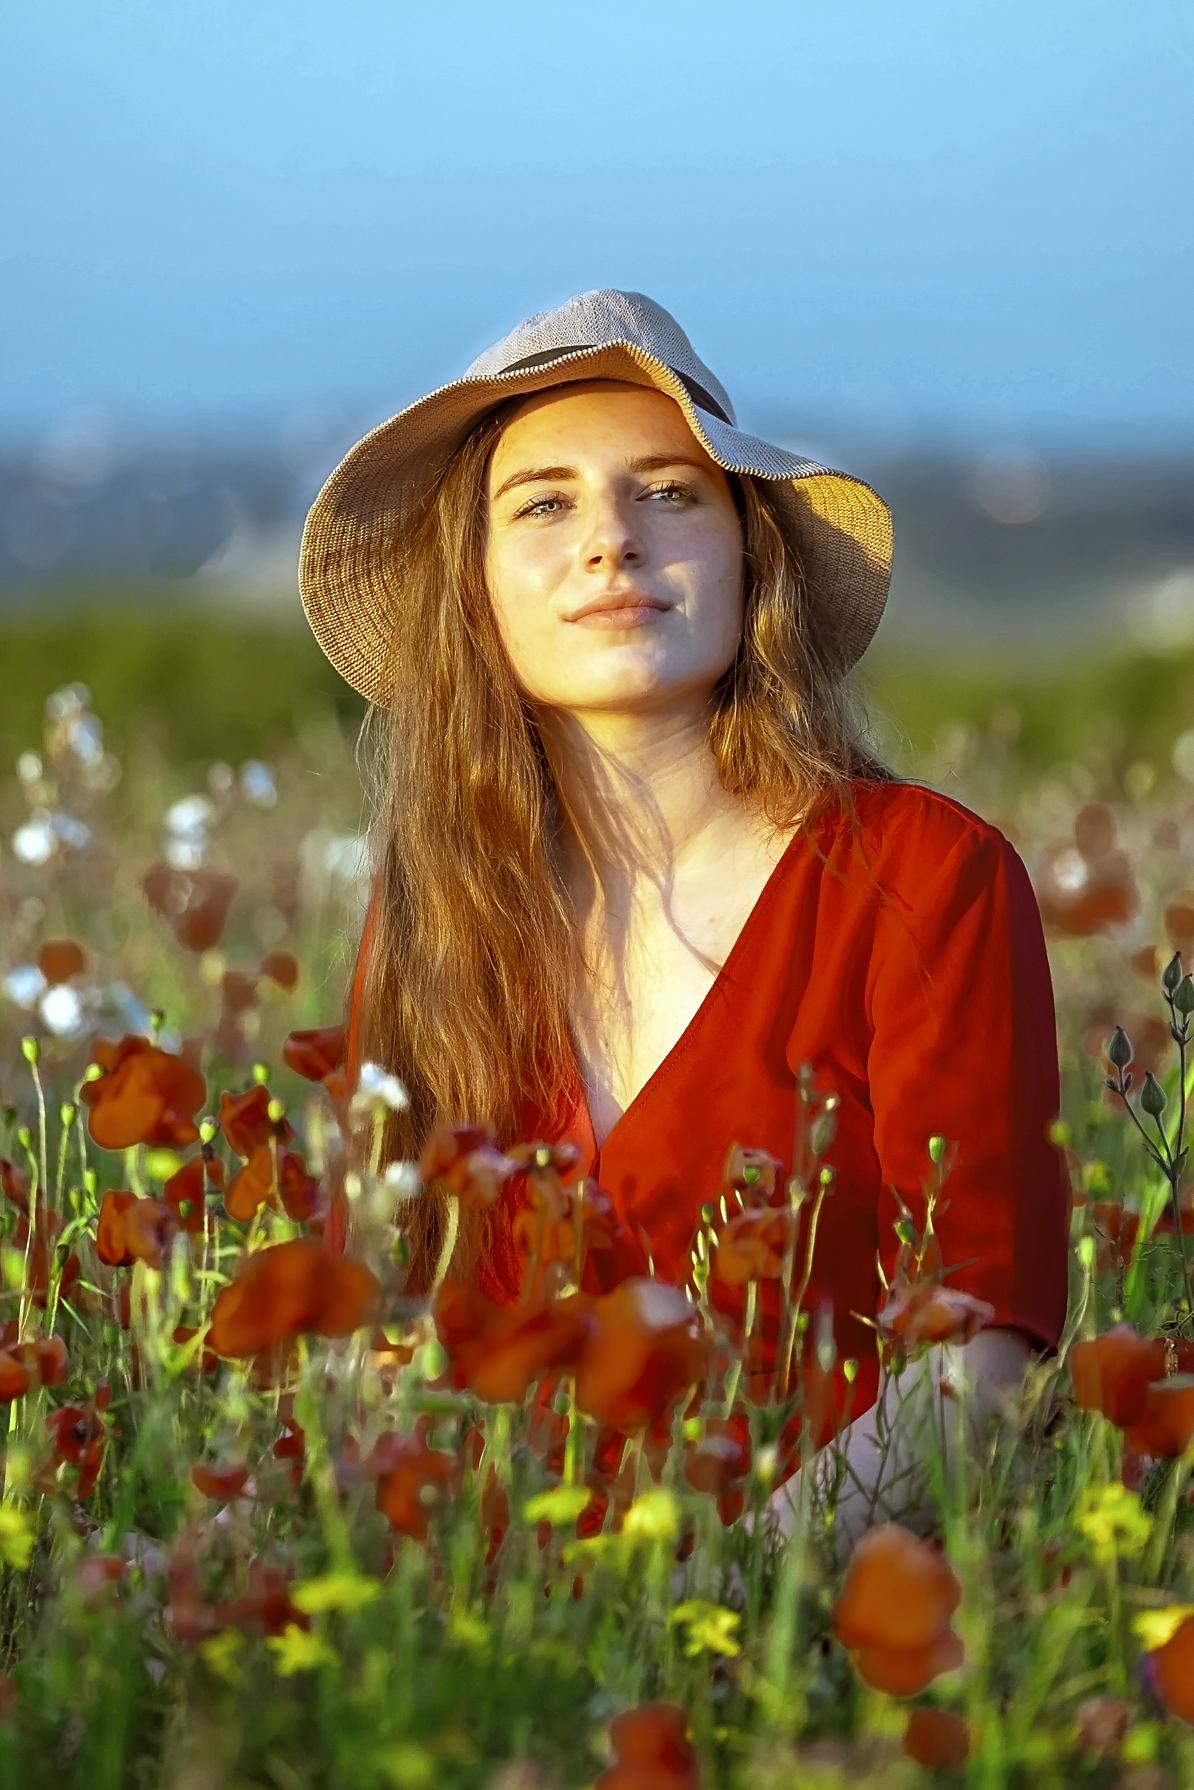 poppy field sun hat girl